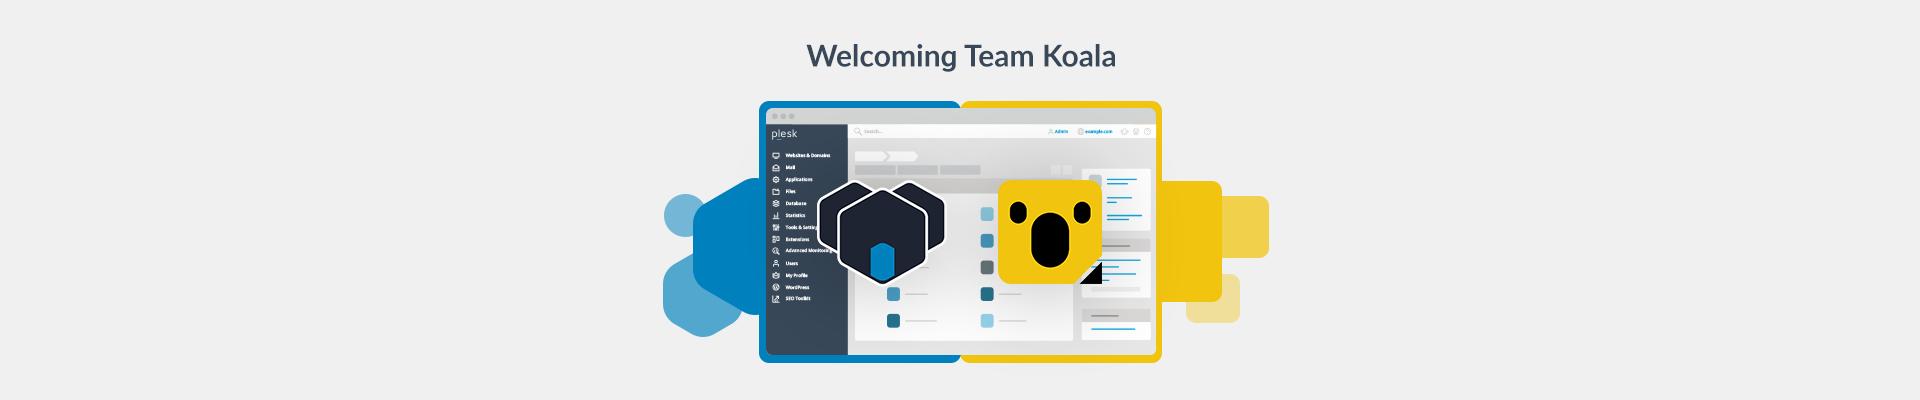 Leankoala koality join Webpros Plesk blog